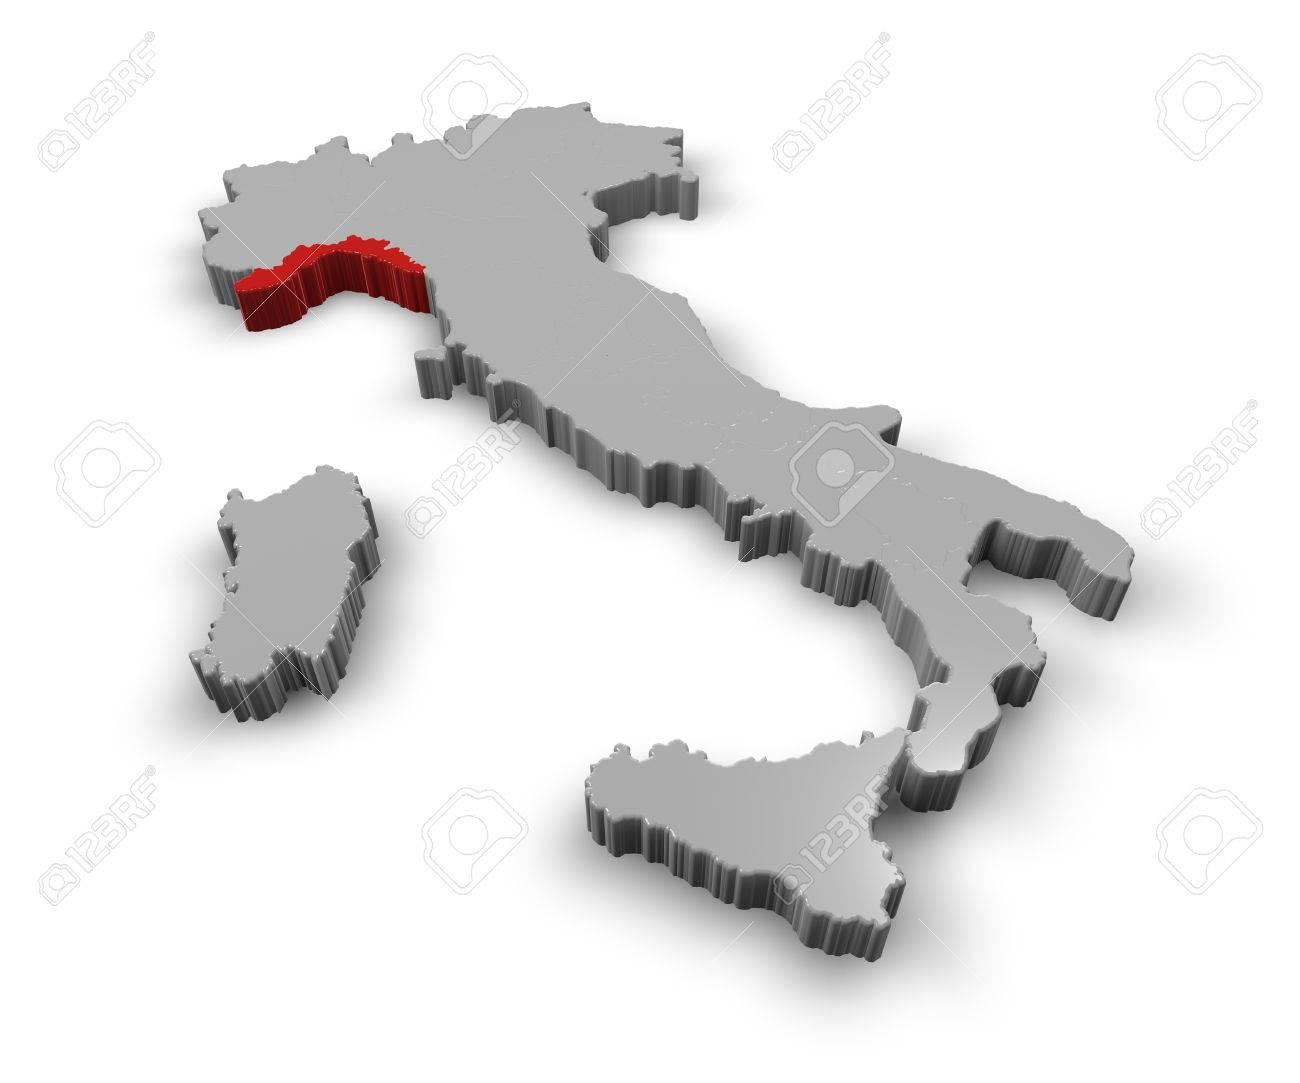 Carte Italie Ligurie.3d Carte De L Italie Regions Ligurie Banque D Images Et Photos